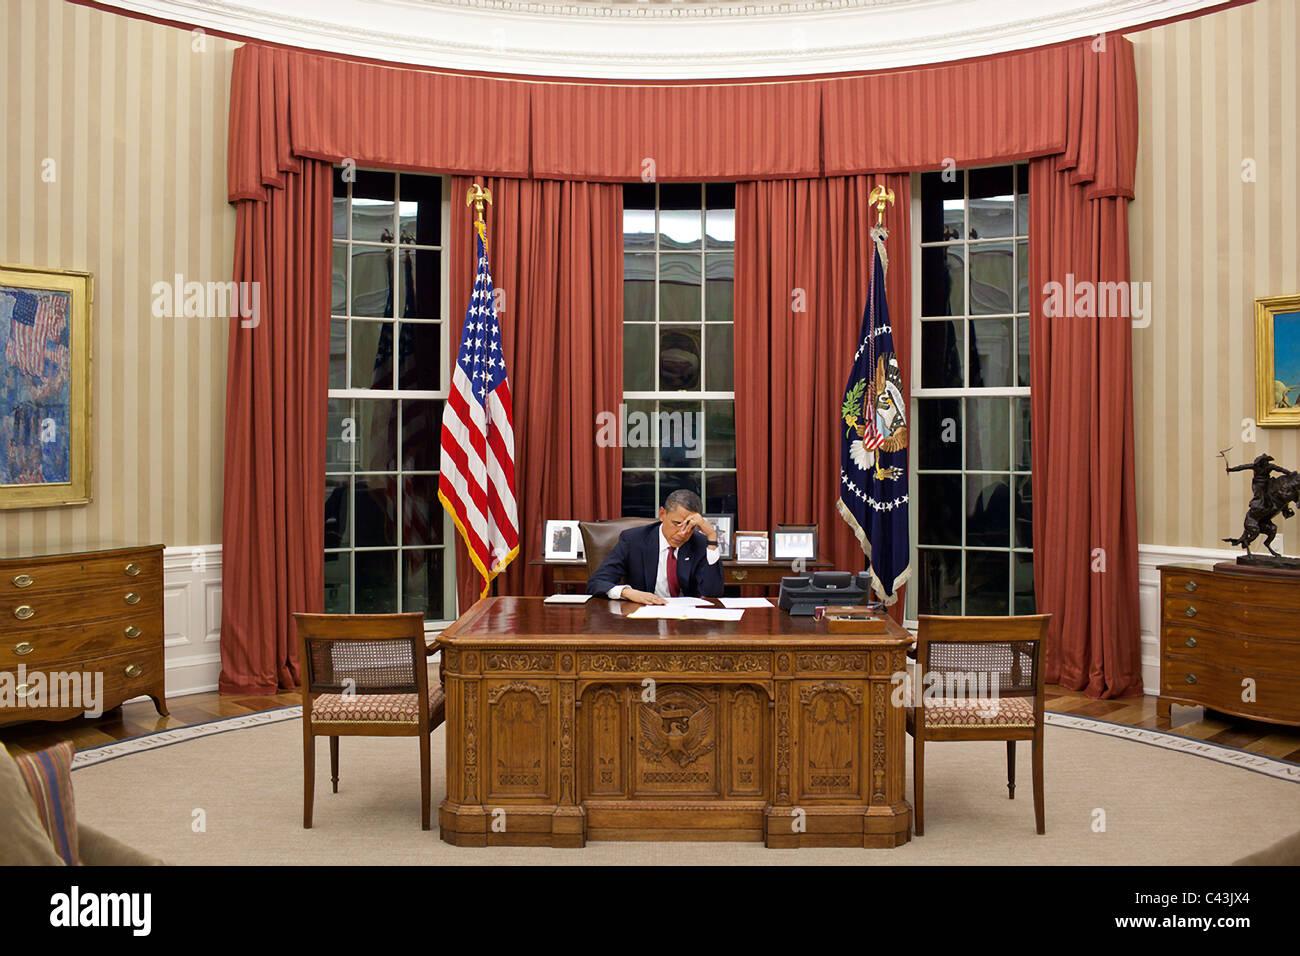 Präsident Barack Obama bearbeitet seine Bemerkungen im Oval Office vor einer Anweisung auf Osama bin Laden Stockbild